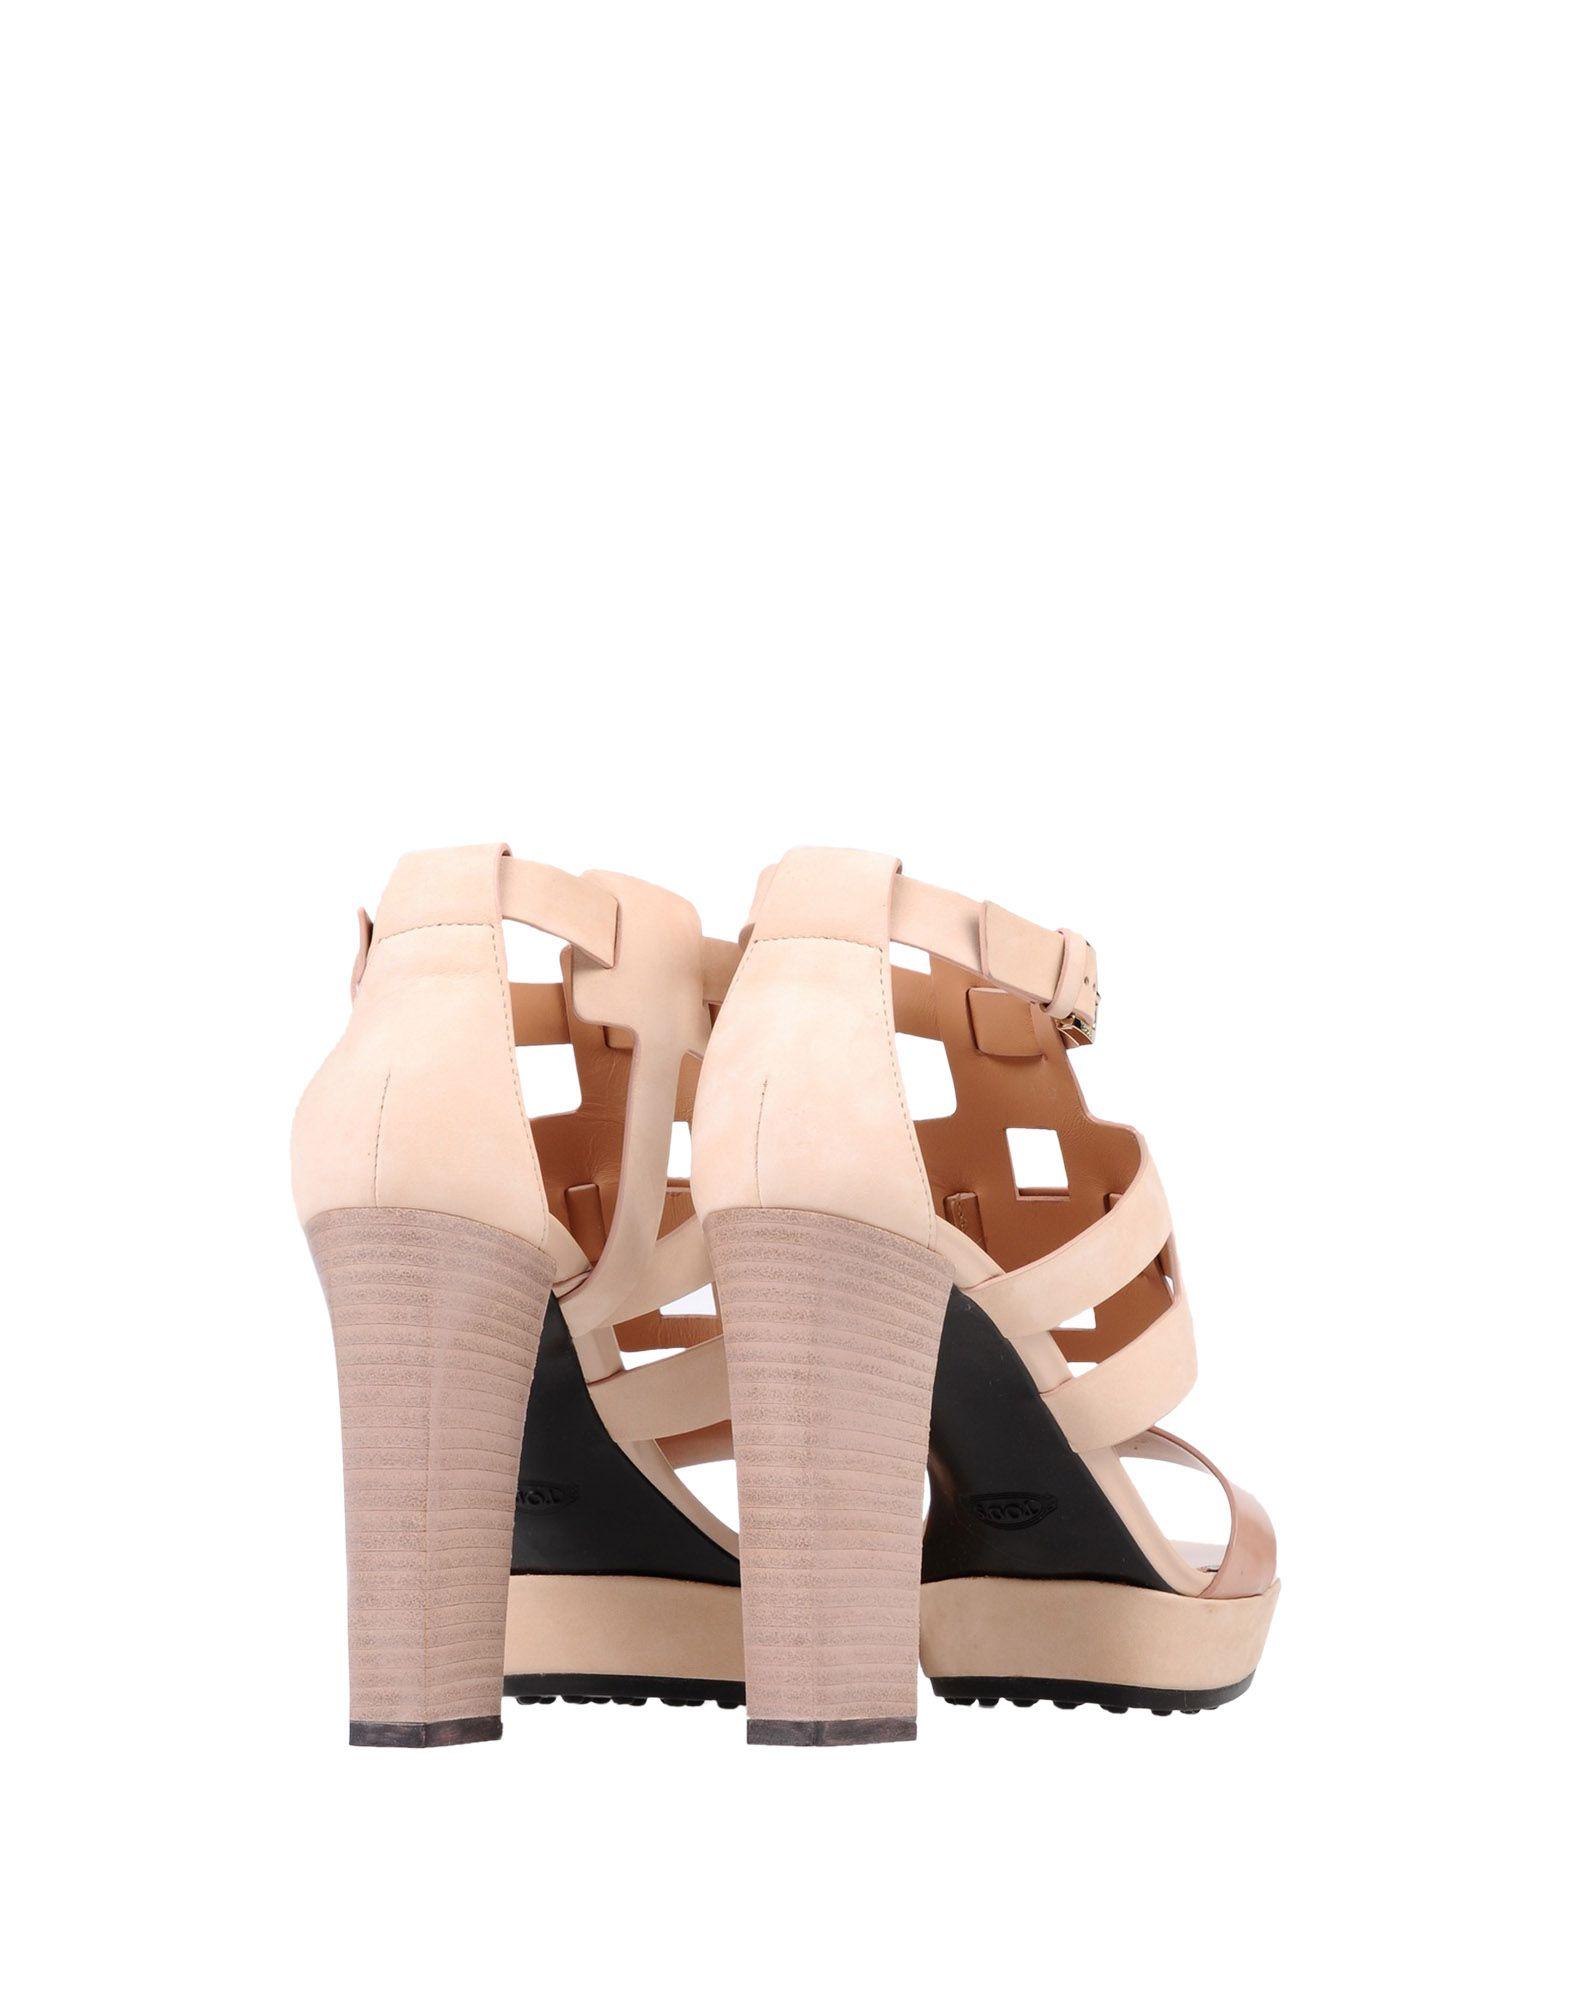 Stilvolle billige Schuhe Tod's Sandalen Damen  11303019JG 11303019JG 11303019JG 1a8502